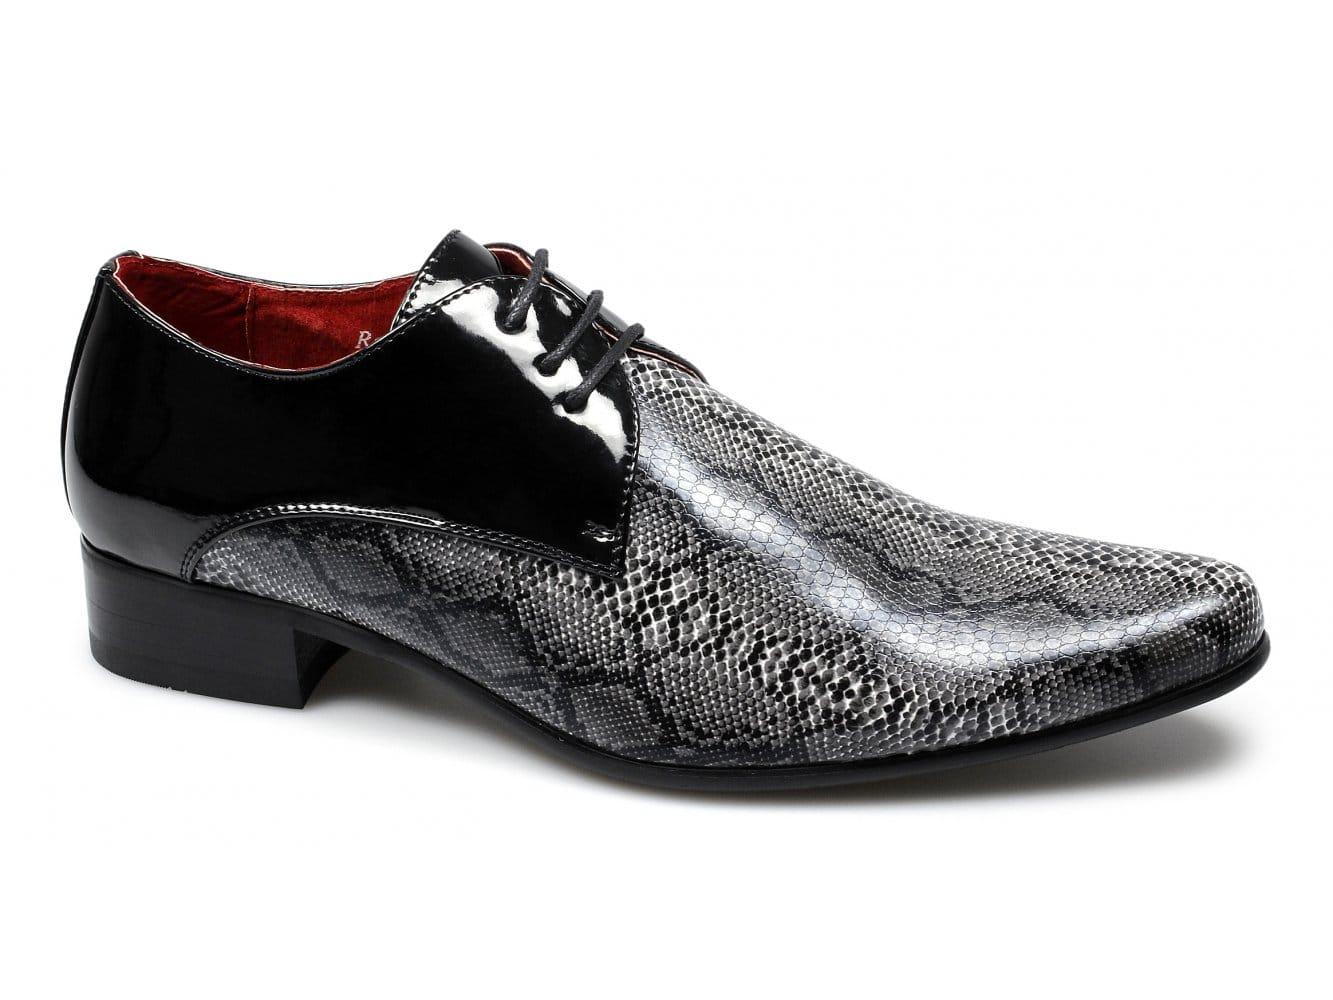 Mens White Snakeskin Dress Shoes